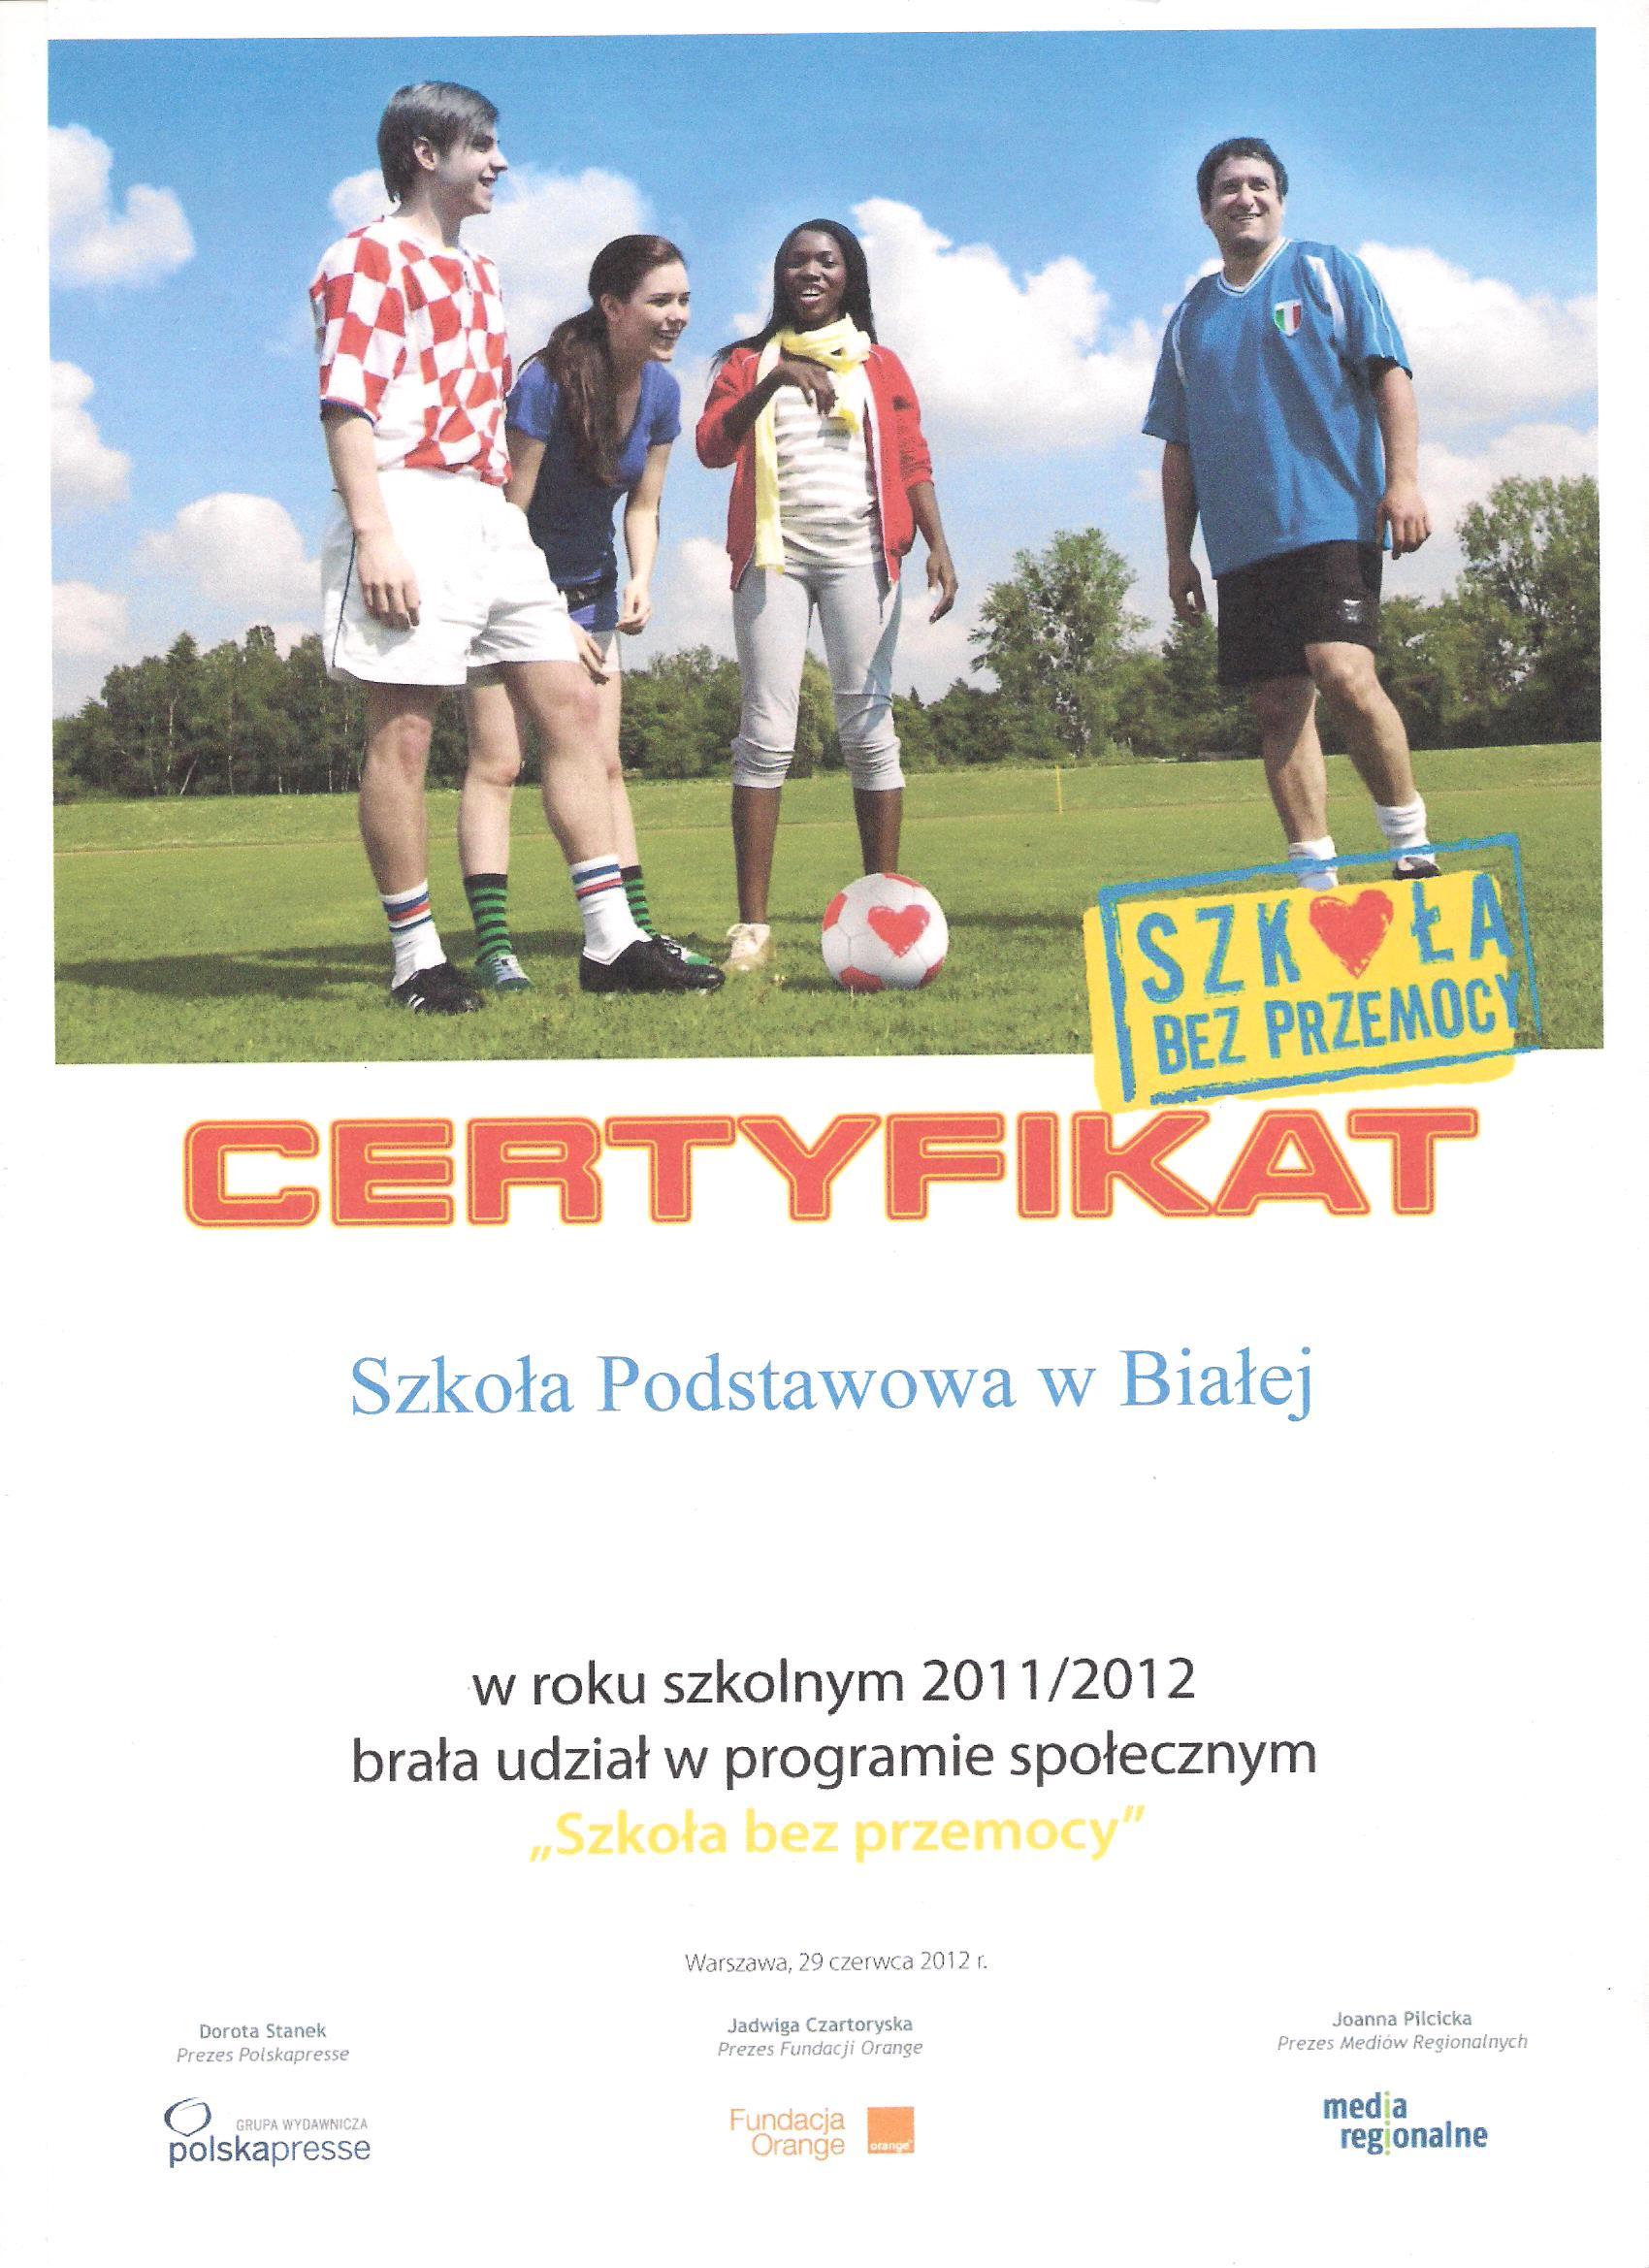 http://www.spbiala.szkolnastrona.pl/container///szkola_bez_przemocy_001.jpg